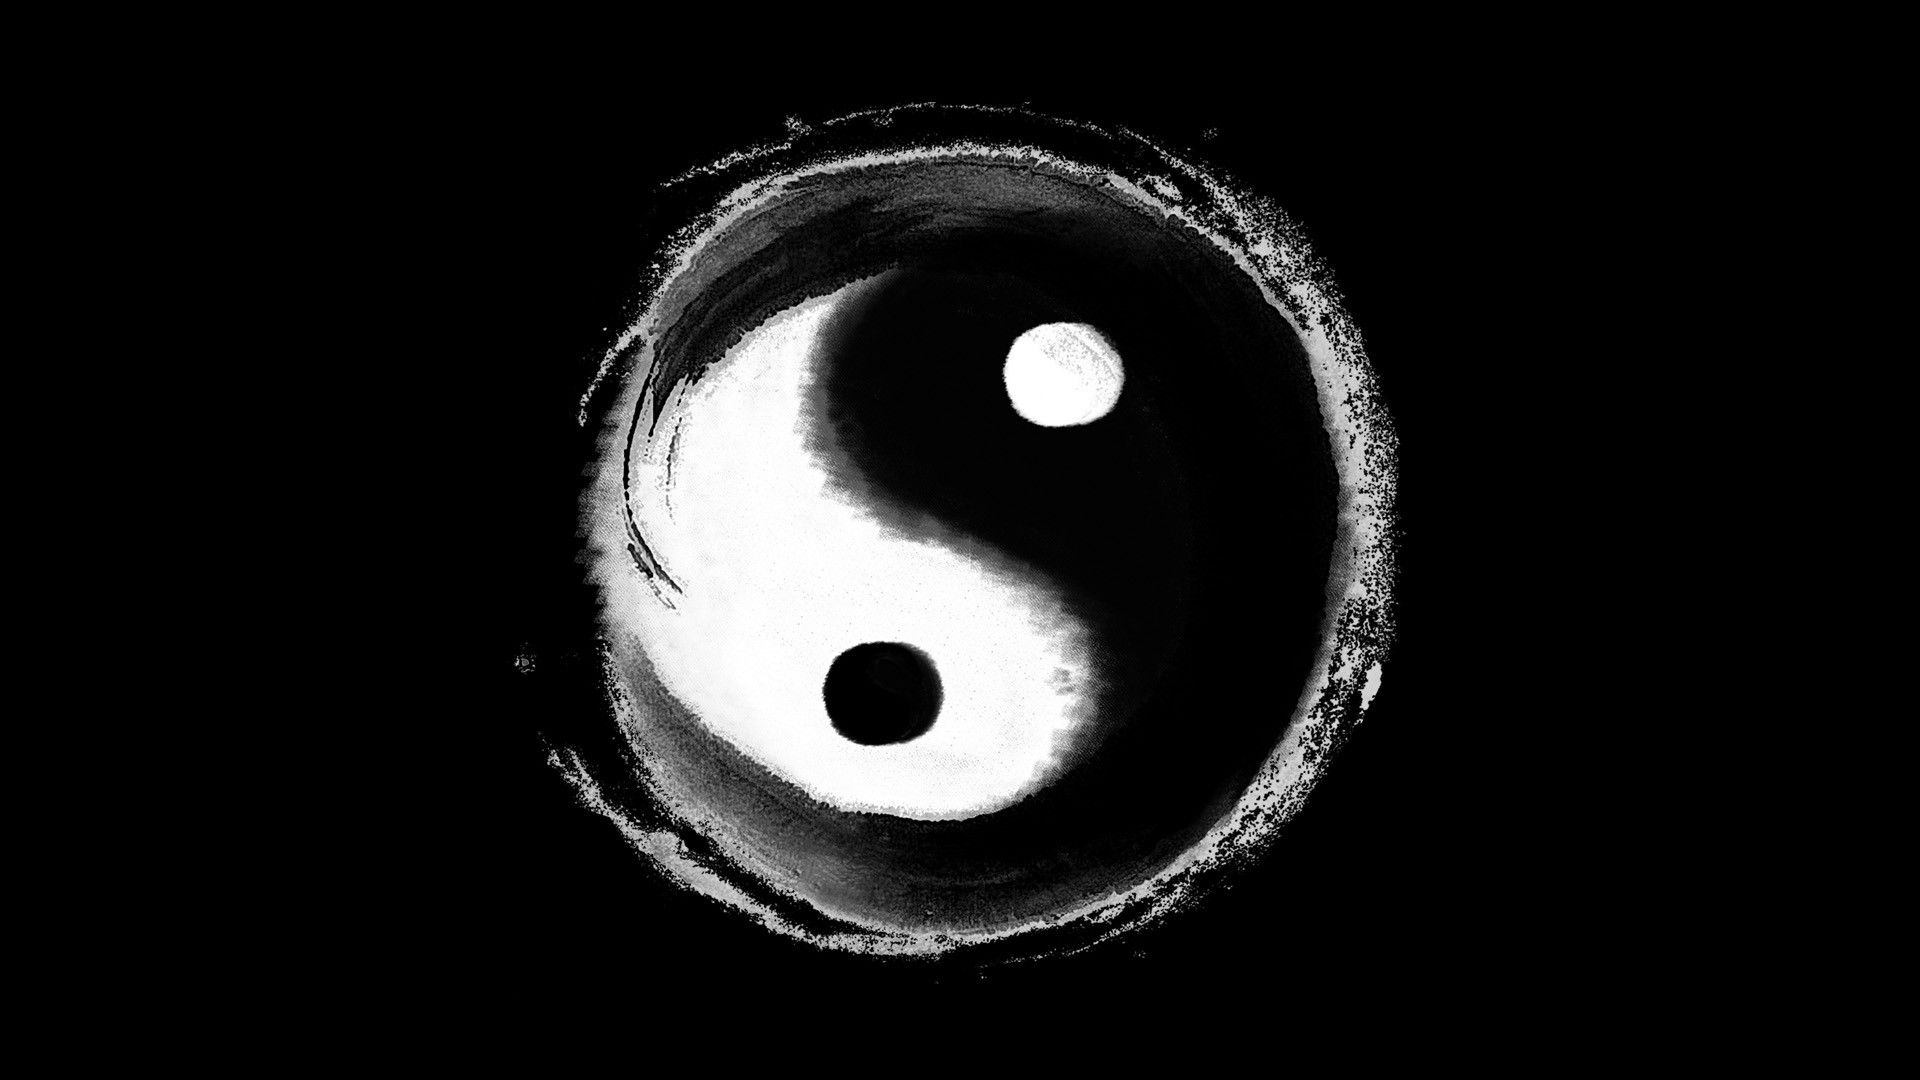 Yin yang iphone wallpaper - Yin Yang Wallpaper 1920x1200 275081 Wallpaperup Ying Yang Symbols Pinterest Yin Yang Ying Yang Symbol And Wallpaper